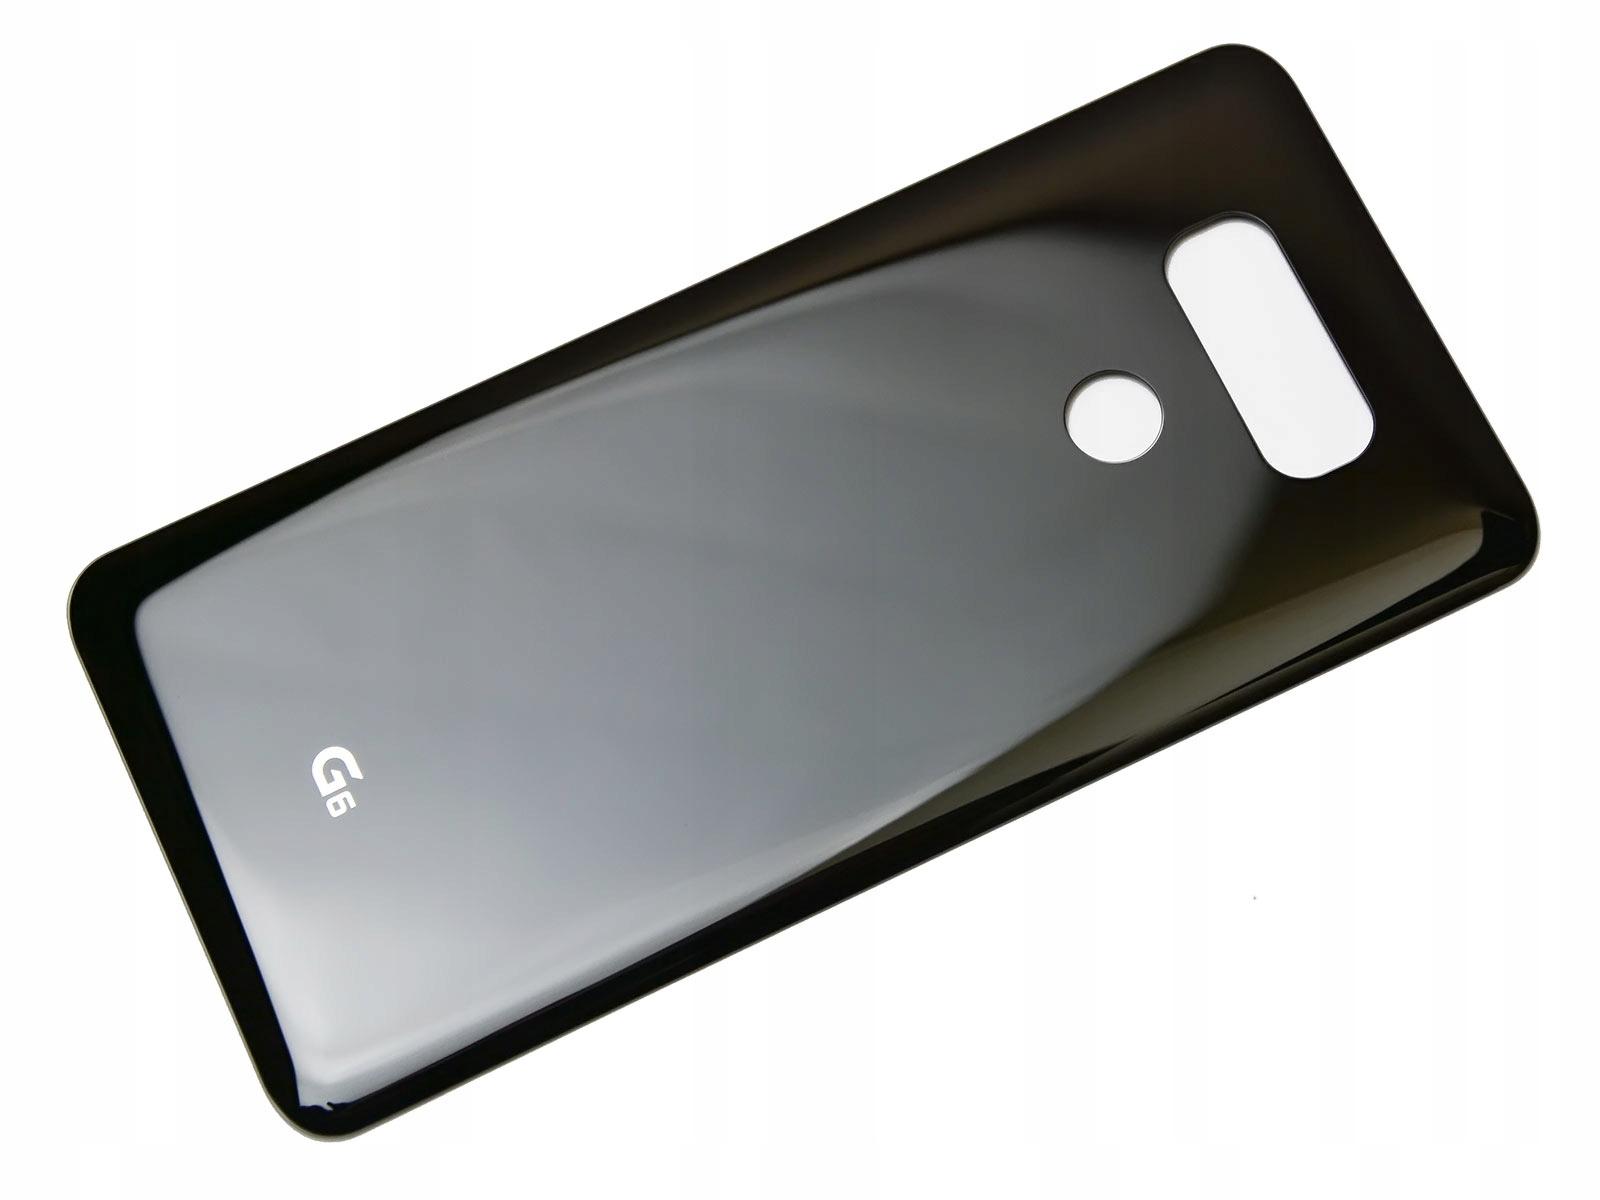 WYMIANA KLAPKA BATERII OBUDOWA LG G6 H870 Czarna